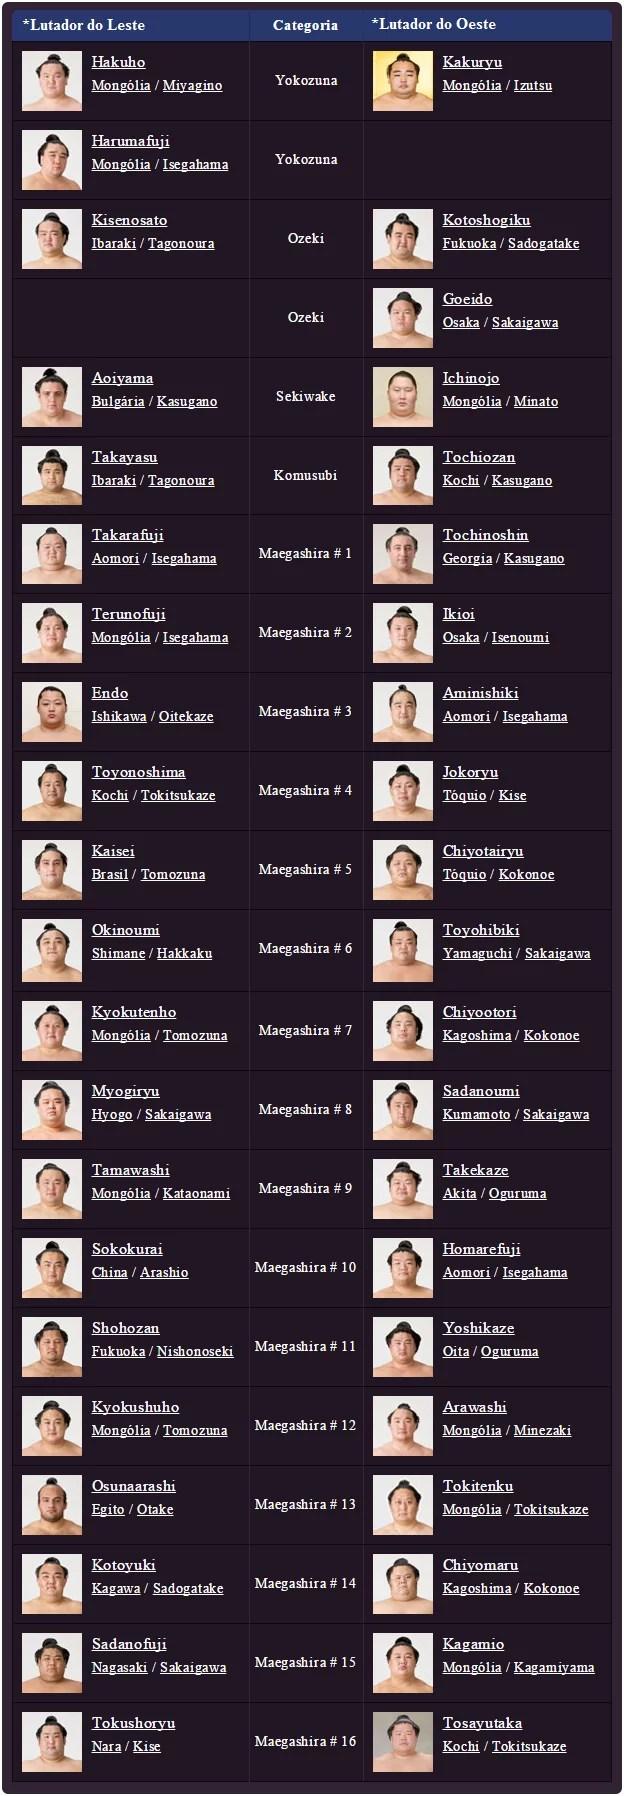 Ranking de lutadores para o Grande Torneio de Sumô de Ano Novo 2015 (Imagem: Reprodução/Nihon Sumo Kyokai/Edição MN)